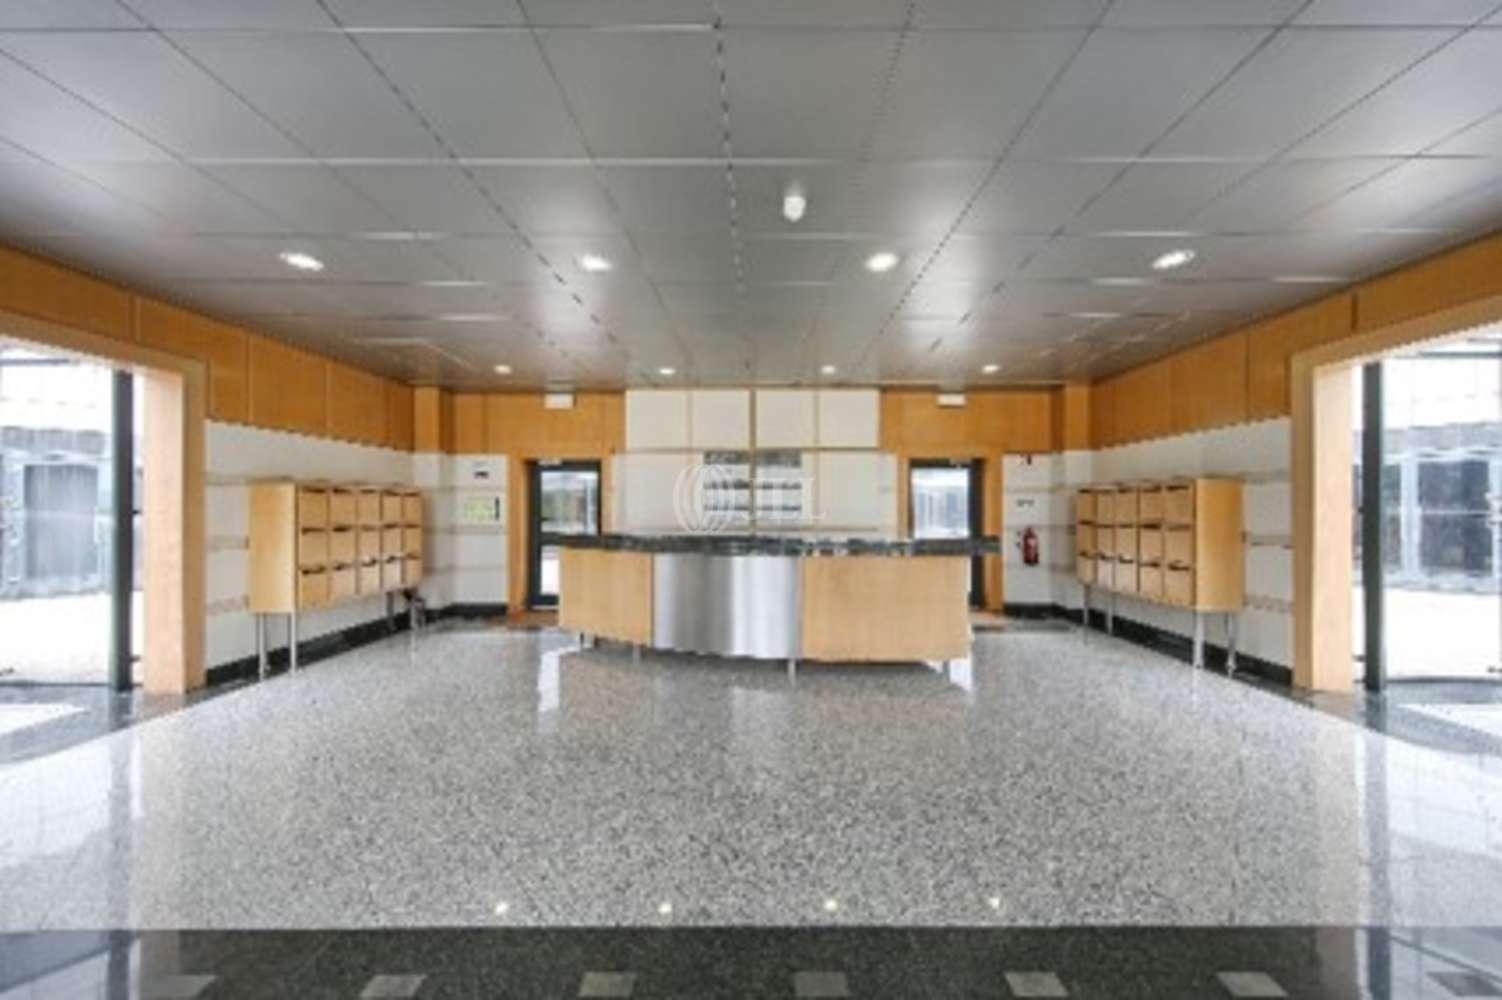 Escritórios Linho, 2710-693 - Beloura Office Park - E 13 - 132